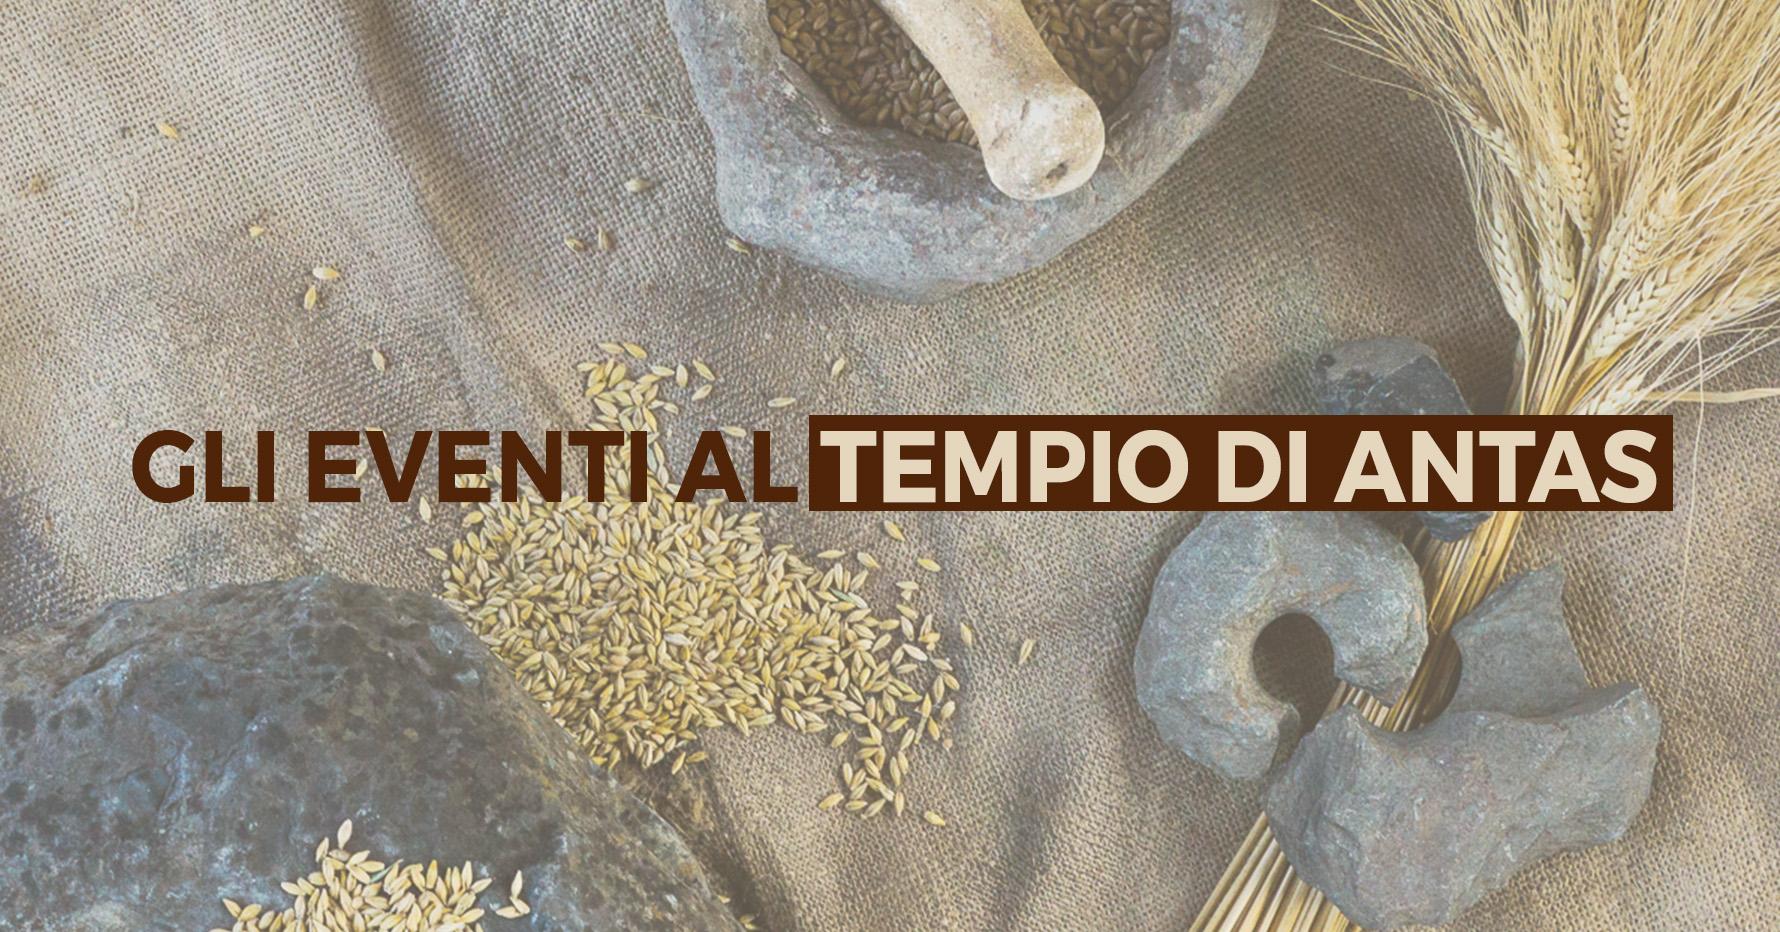 Eventi_tempio_di_antas